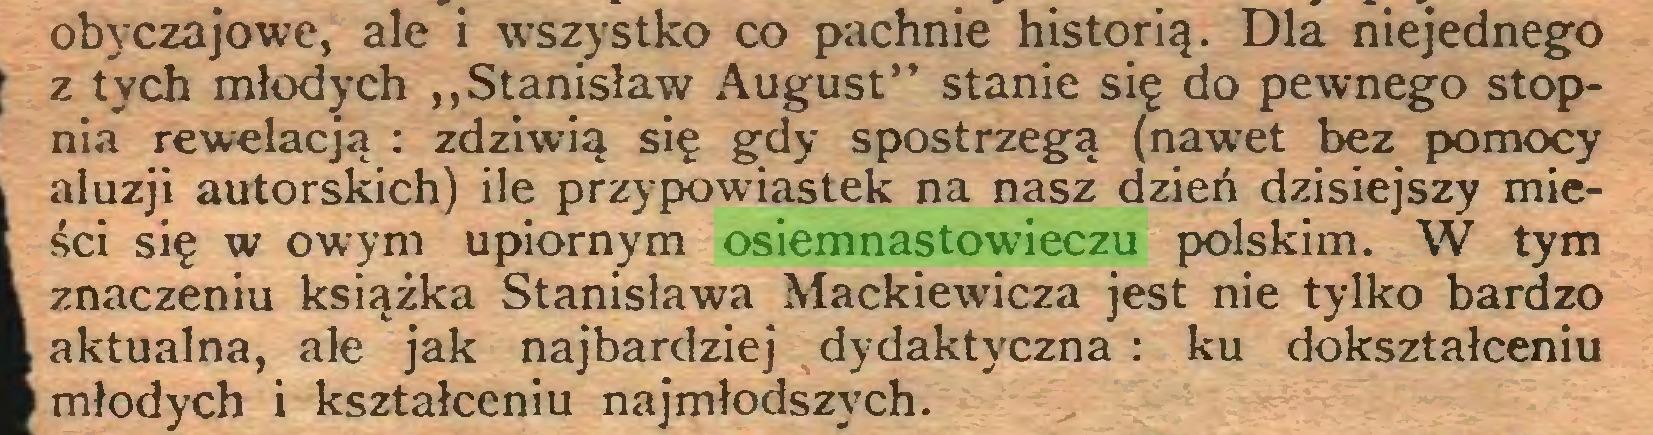 """(...) obyczajowe, ale i wszystko co pachnie historią. Dla niejednego z tych młodych """"Stanisław August"""" stanie się do pewnego stopnia rewelacją : zdziwią się gdy spostrzegą (nawet bez pomocy aluzji autorskich) ile przypowiastek na nasz dzień dzisiejszy mieści się w owym upiornym osiemnastowieczu polskim. W tym znaczeniu książka Stanisława Mackiewicza jest nie tylko bardzo aktualna, ale jak najbardziej dydaktyczna : ku dokształceniu młodych i kształceniu najmłodszych..."""